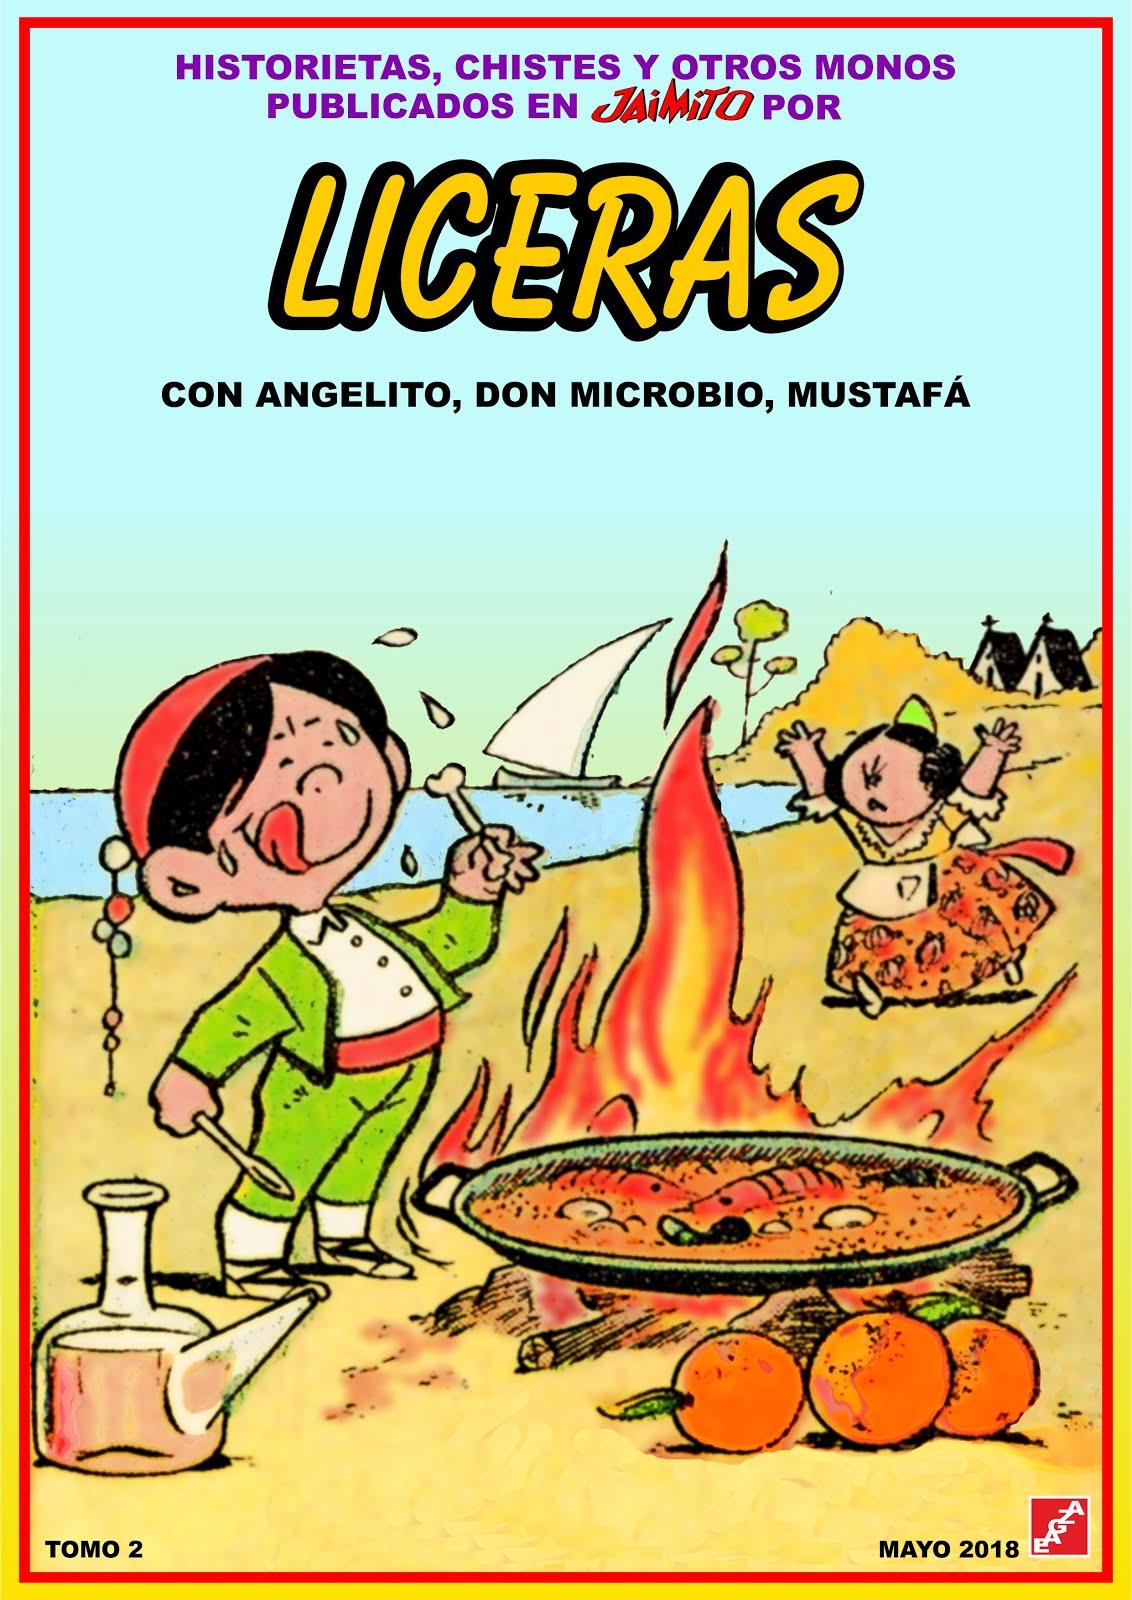 Liceras - Tomos 01 - 02 - EAGZA